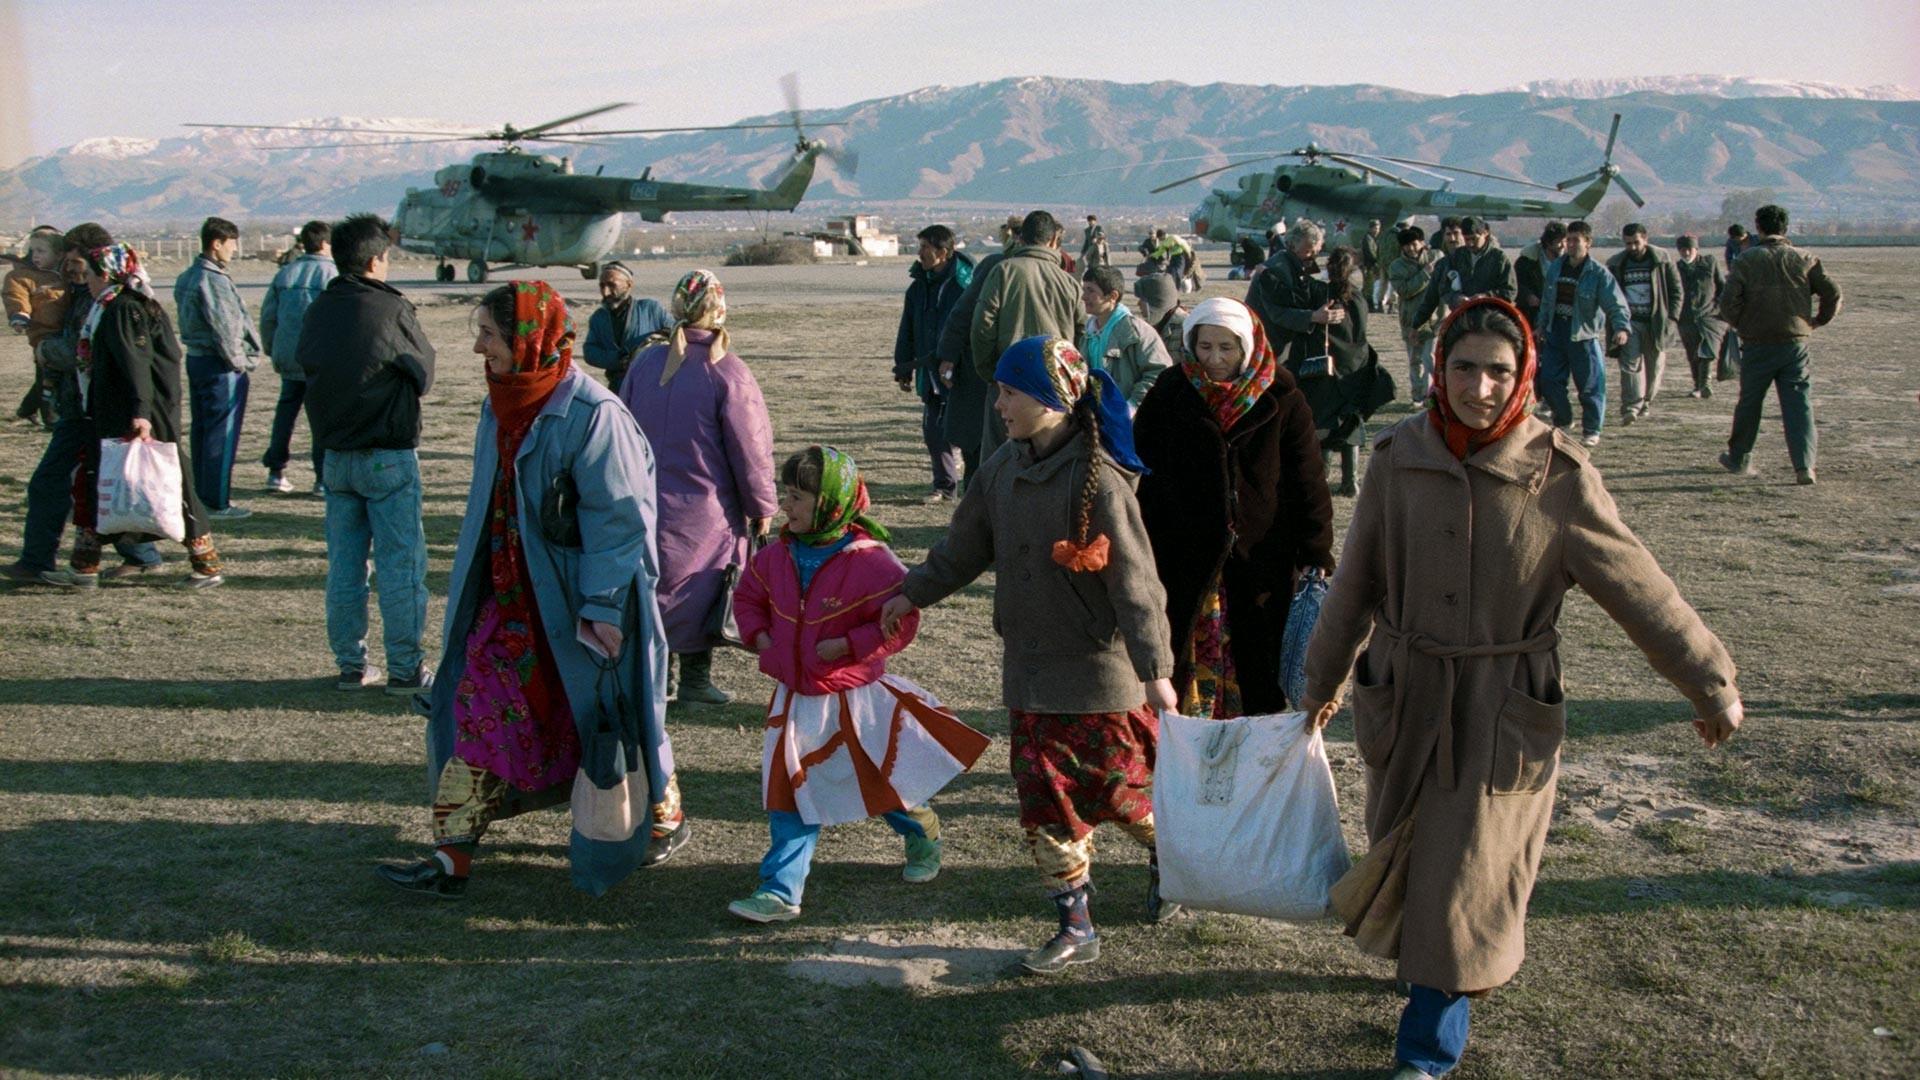 Koalicijske mirovne sile med dostavljanjem prehrambenih izdelkov za stradajoče prebivalce odročne regije v gorovju Pamir